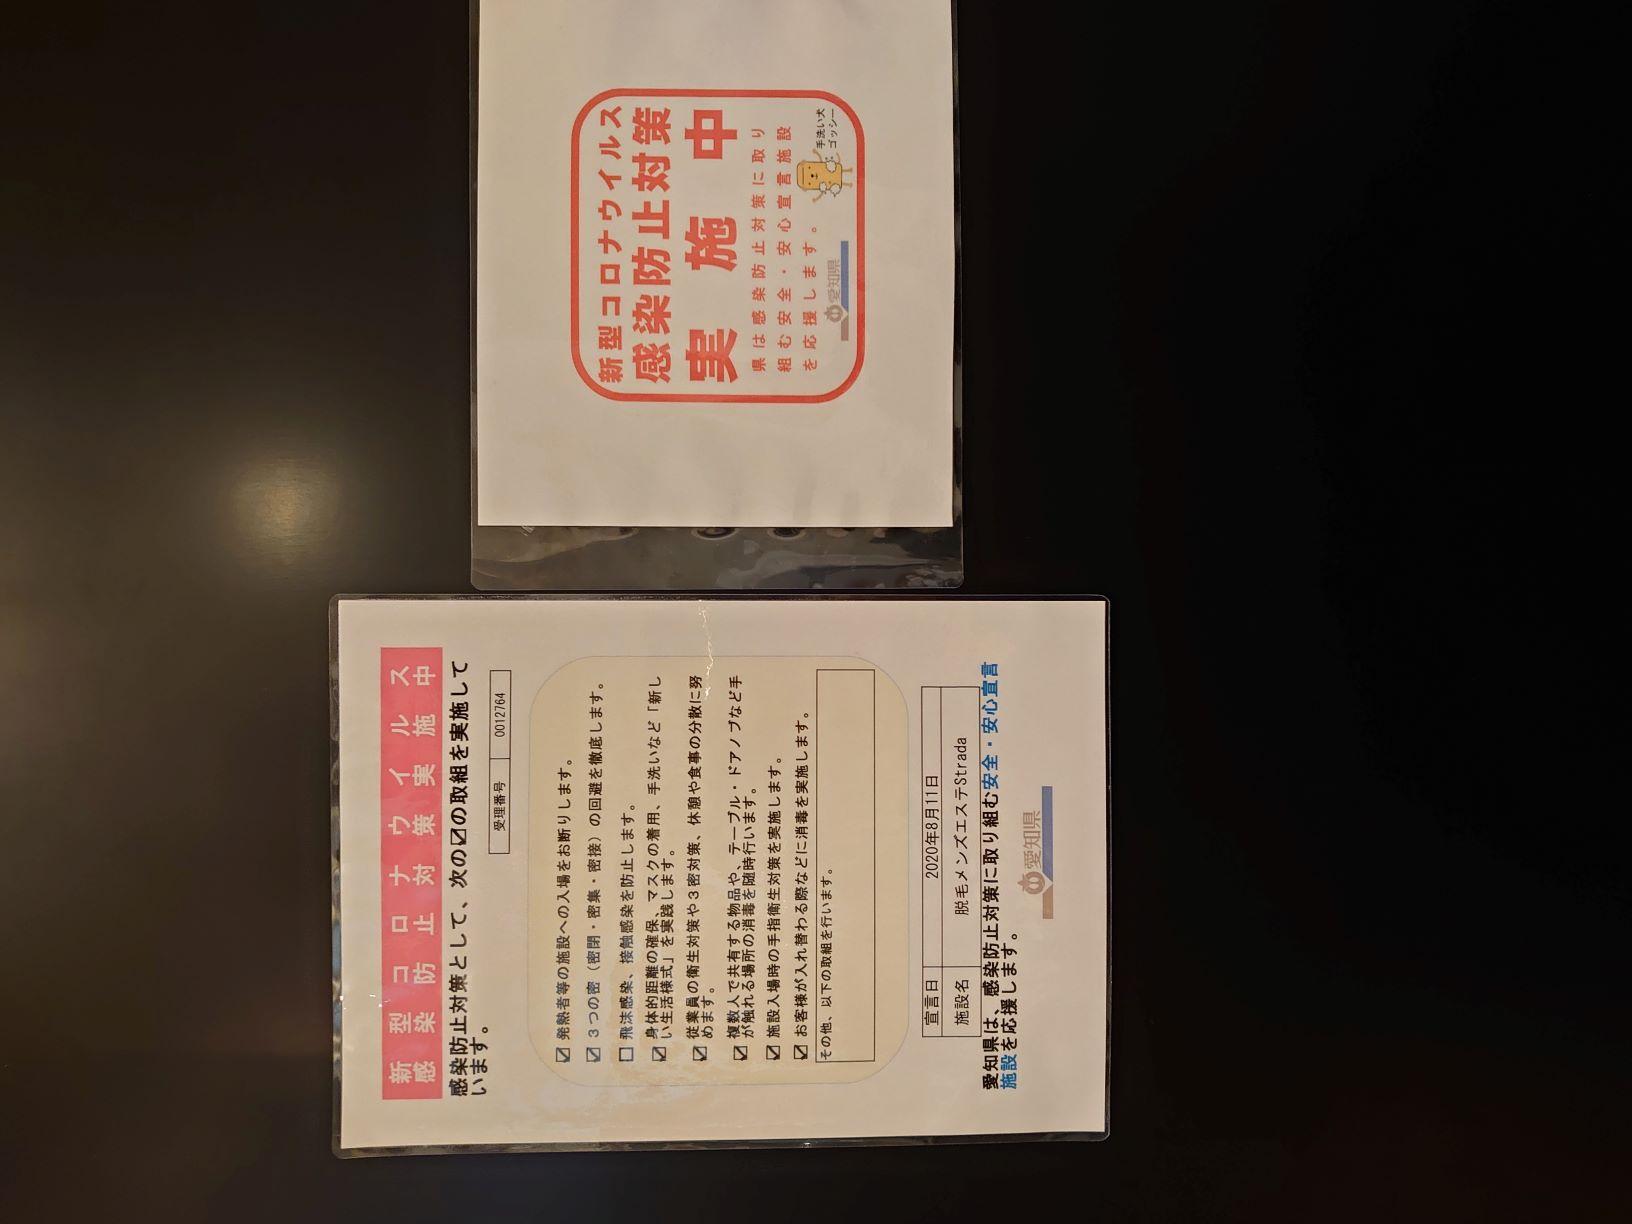 コロナ メンズ エステ 新型コロナショックのさなか、五反田の中華エステで濃厚接触してみた 緊急事態宣言!「1万円で最後マデ」